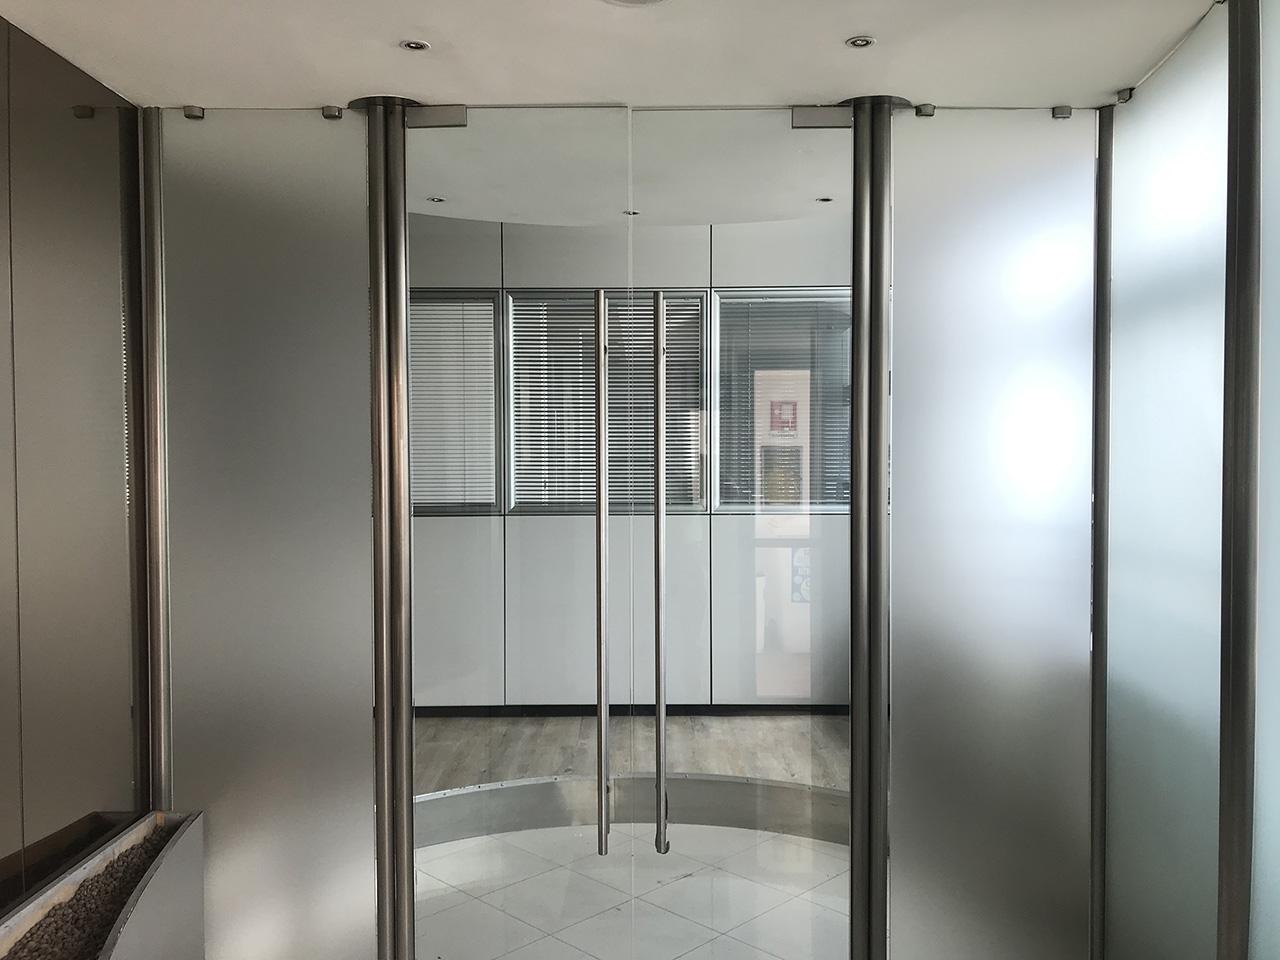 ufficio 430 mq secondo piano - Atlantic Business Center - ingresso